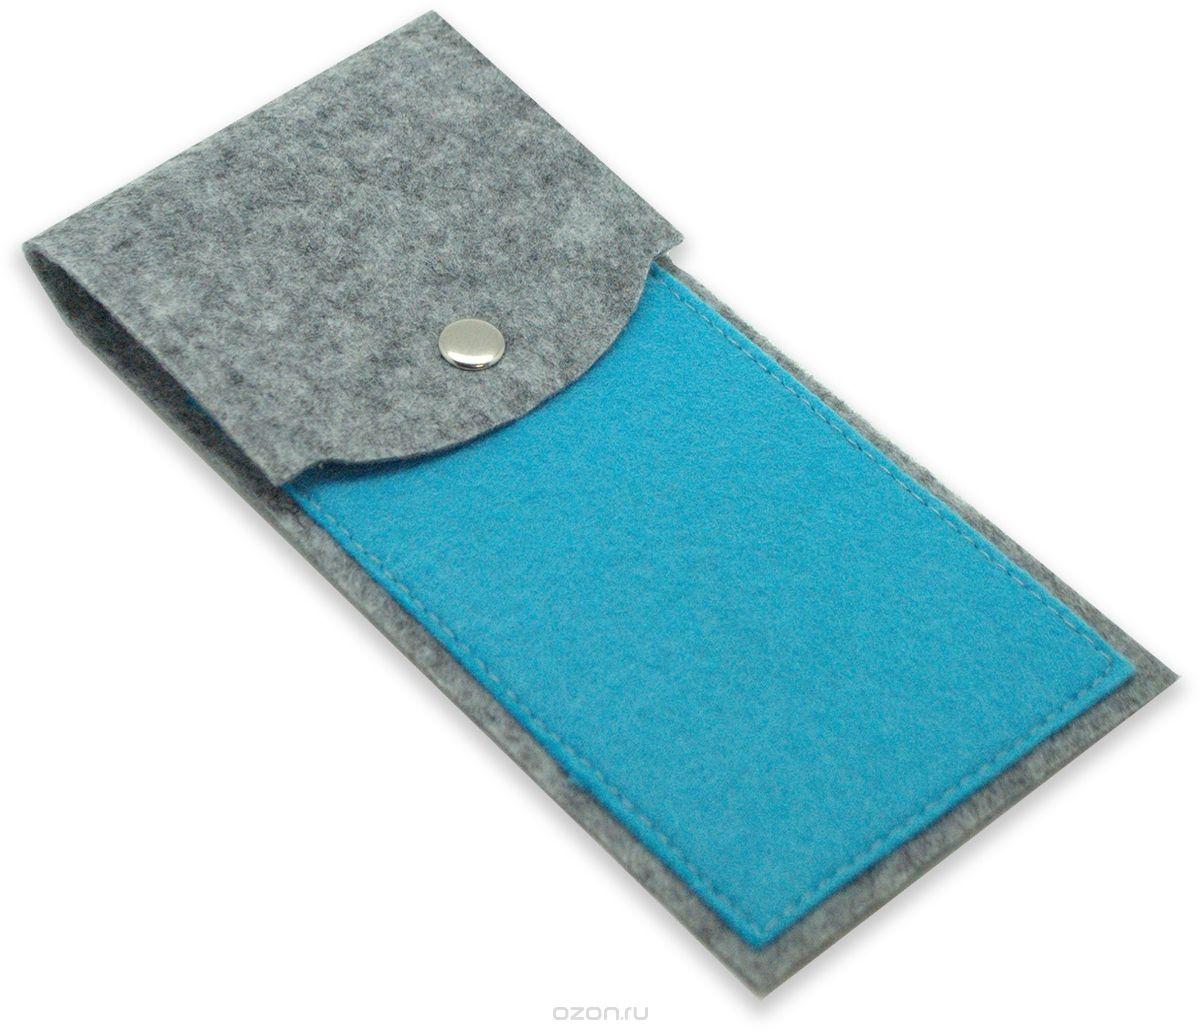 Пенал Feltrica вертикальный серо-голубой, 4627130654475 feltrica пенал вертикальный